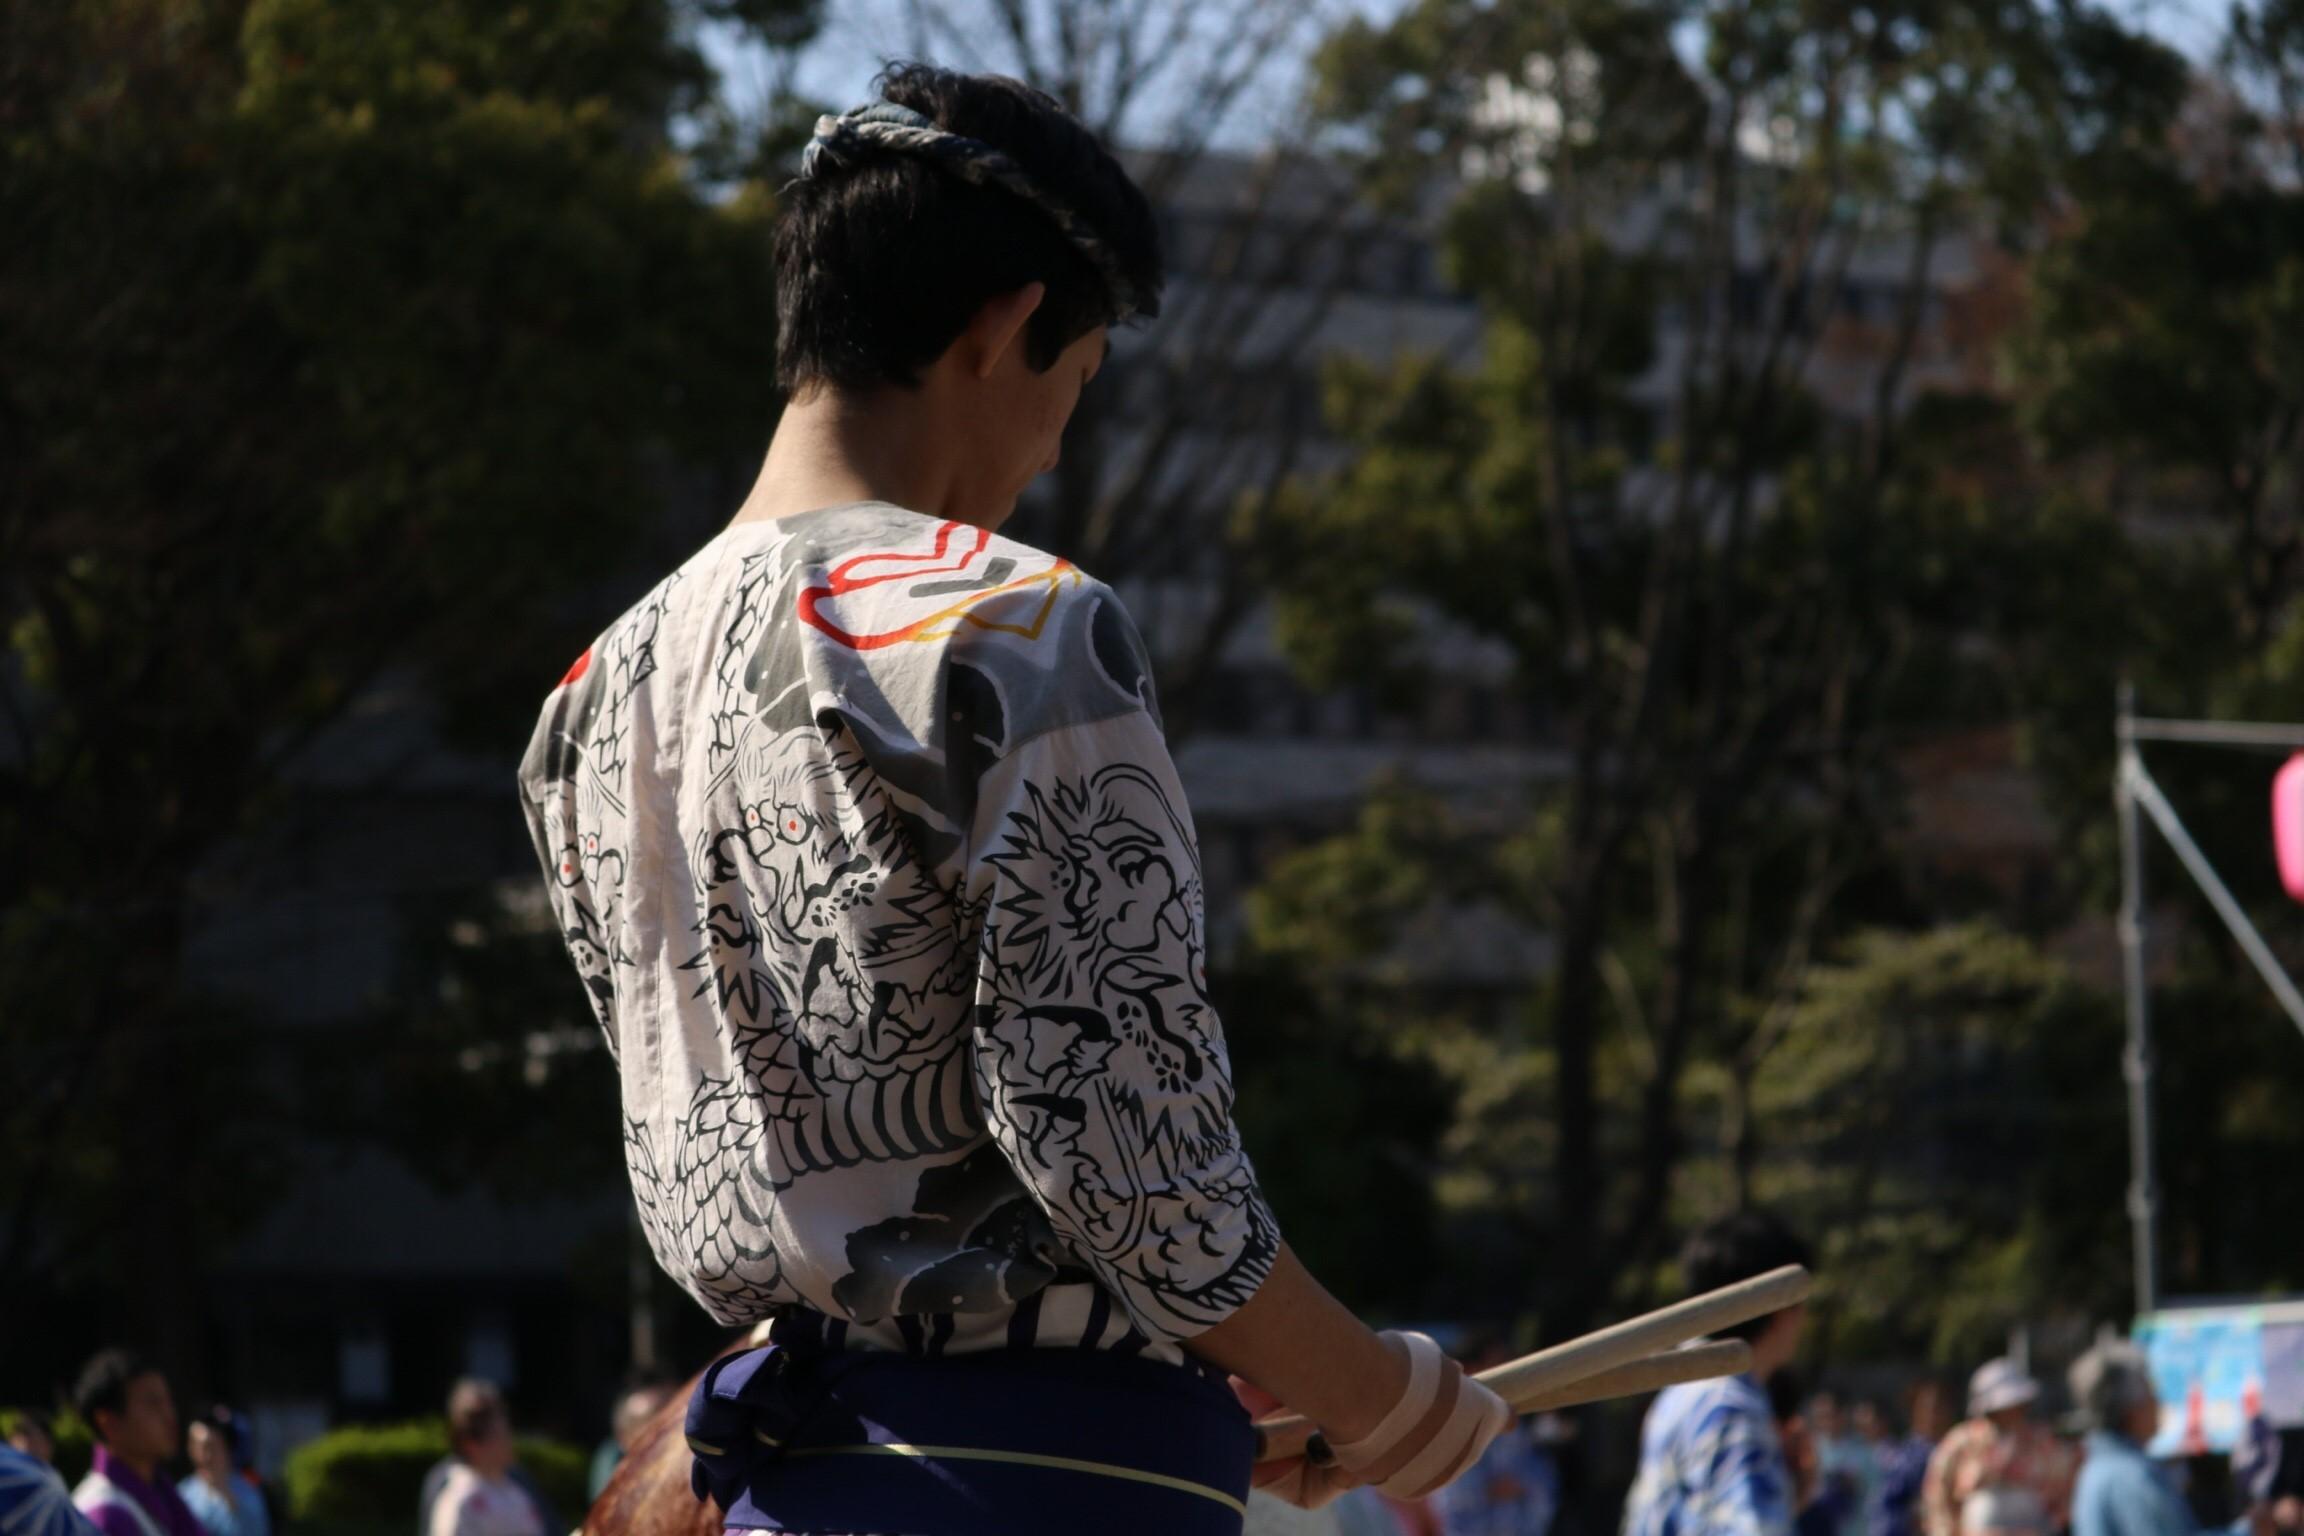 2018/03/25 芝公園盆踊り大会_180325_0076